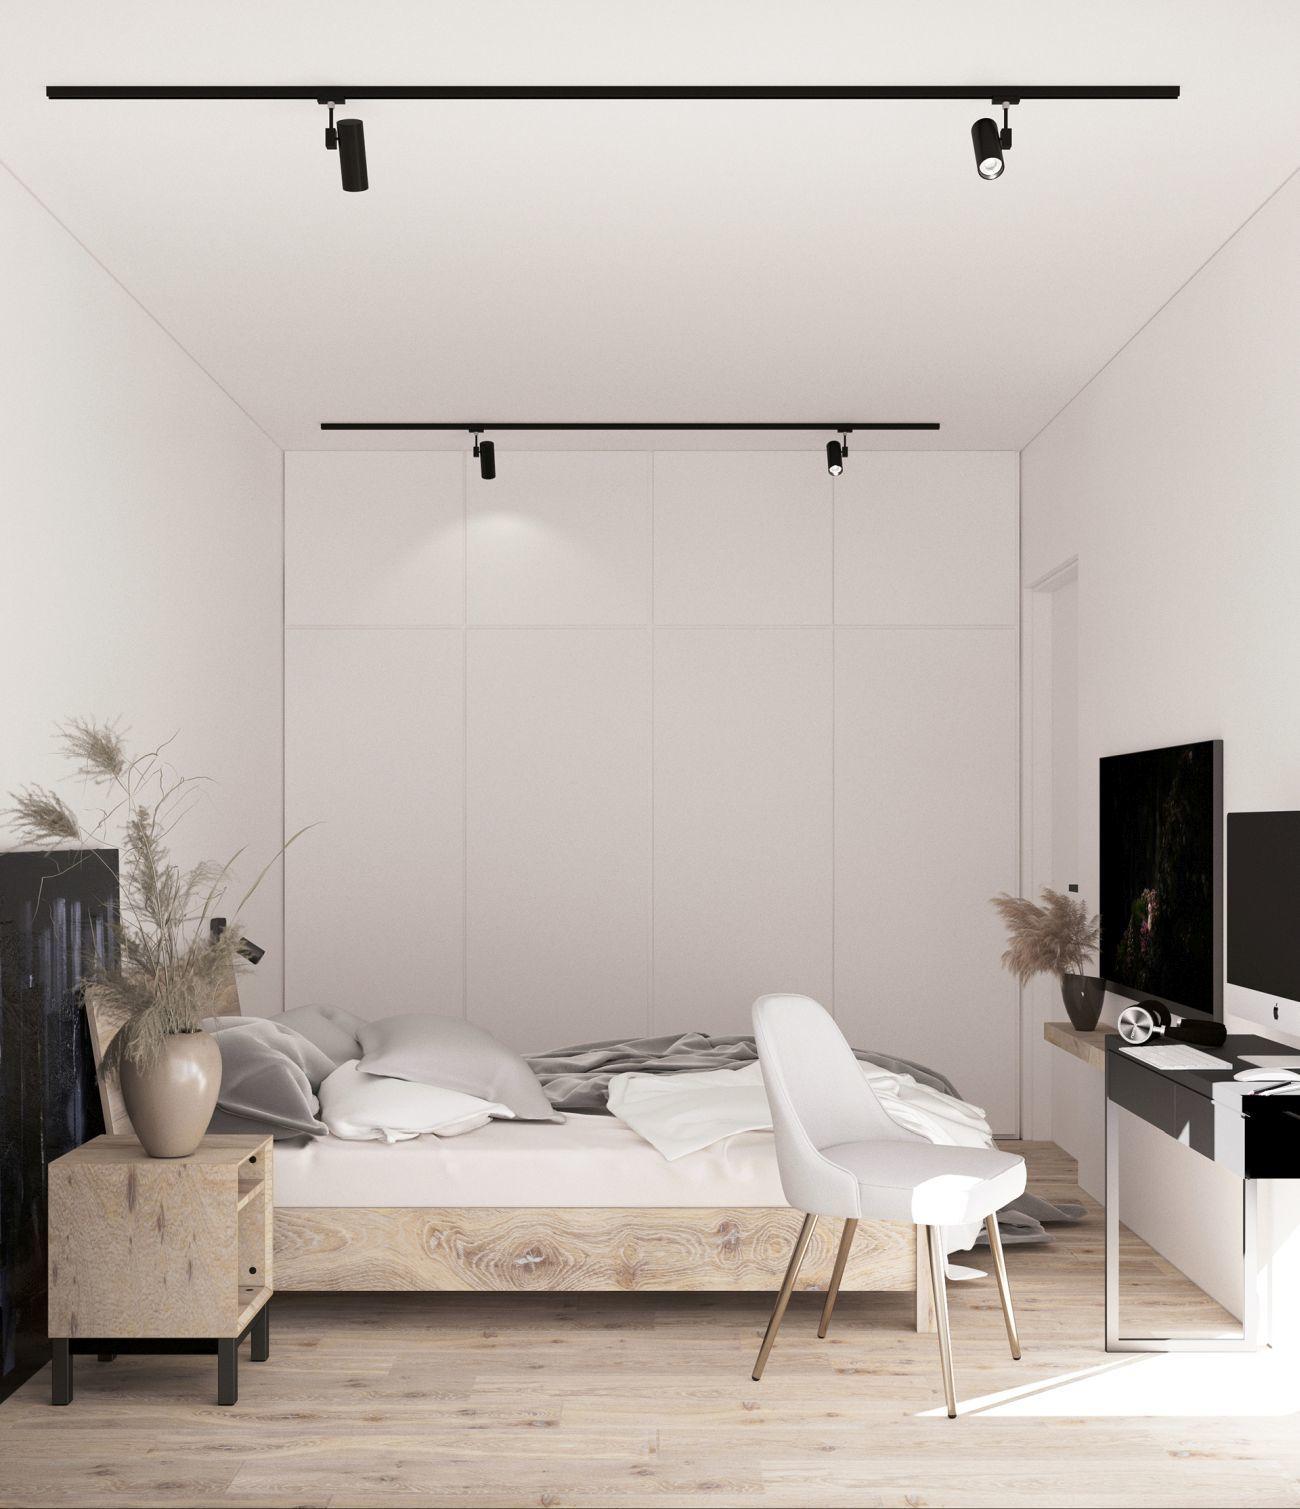 Hófehér hálószoba kis dolgozósarokkal faltól-falig gardróbbal